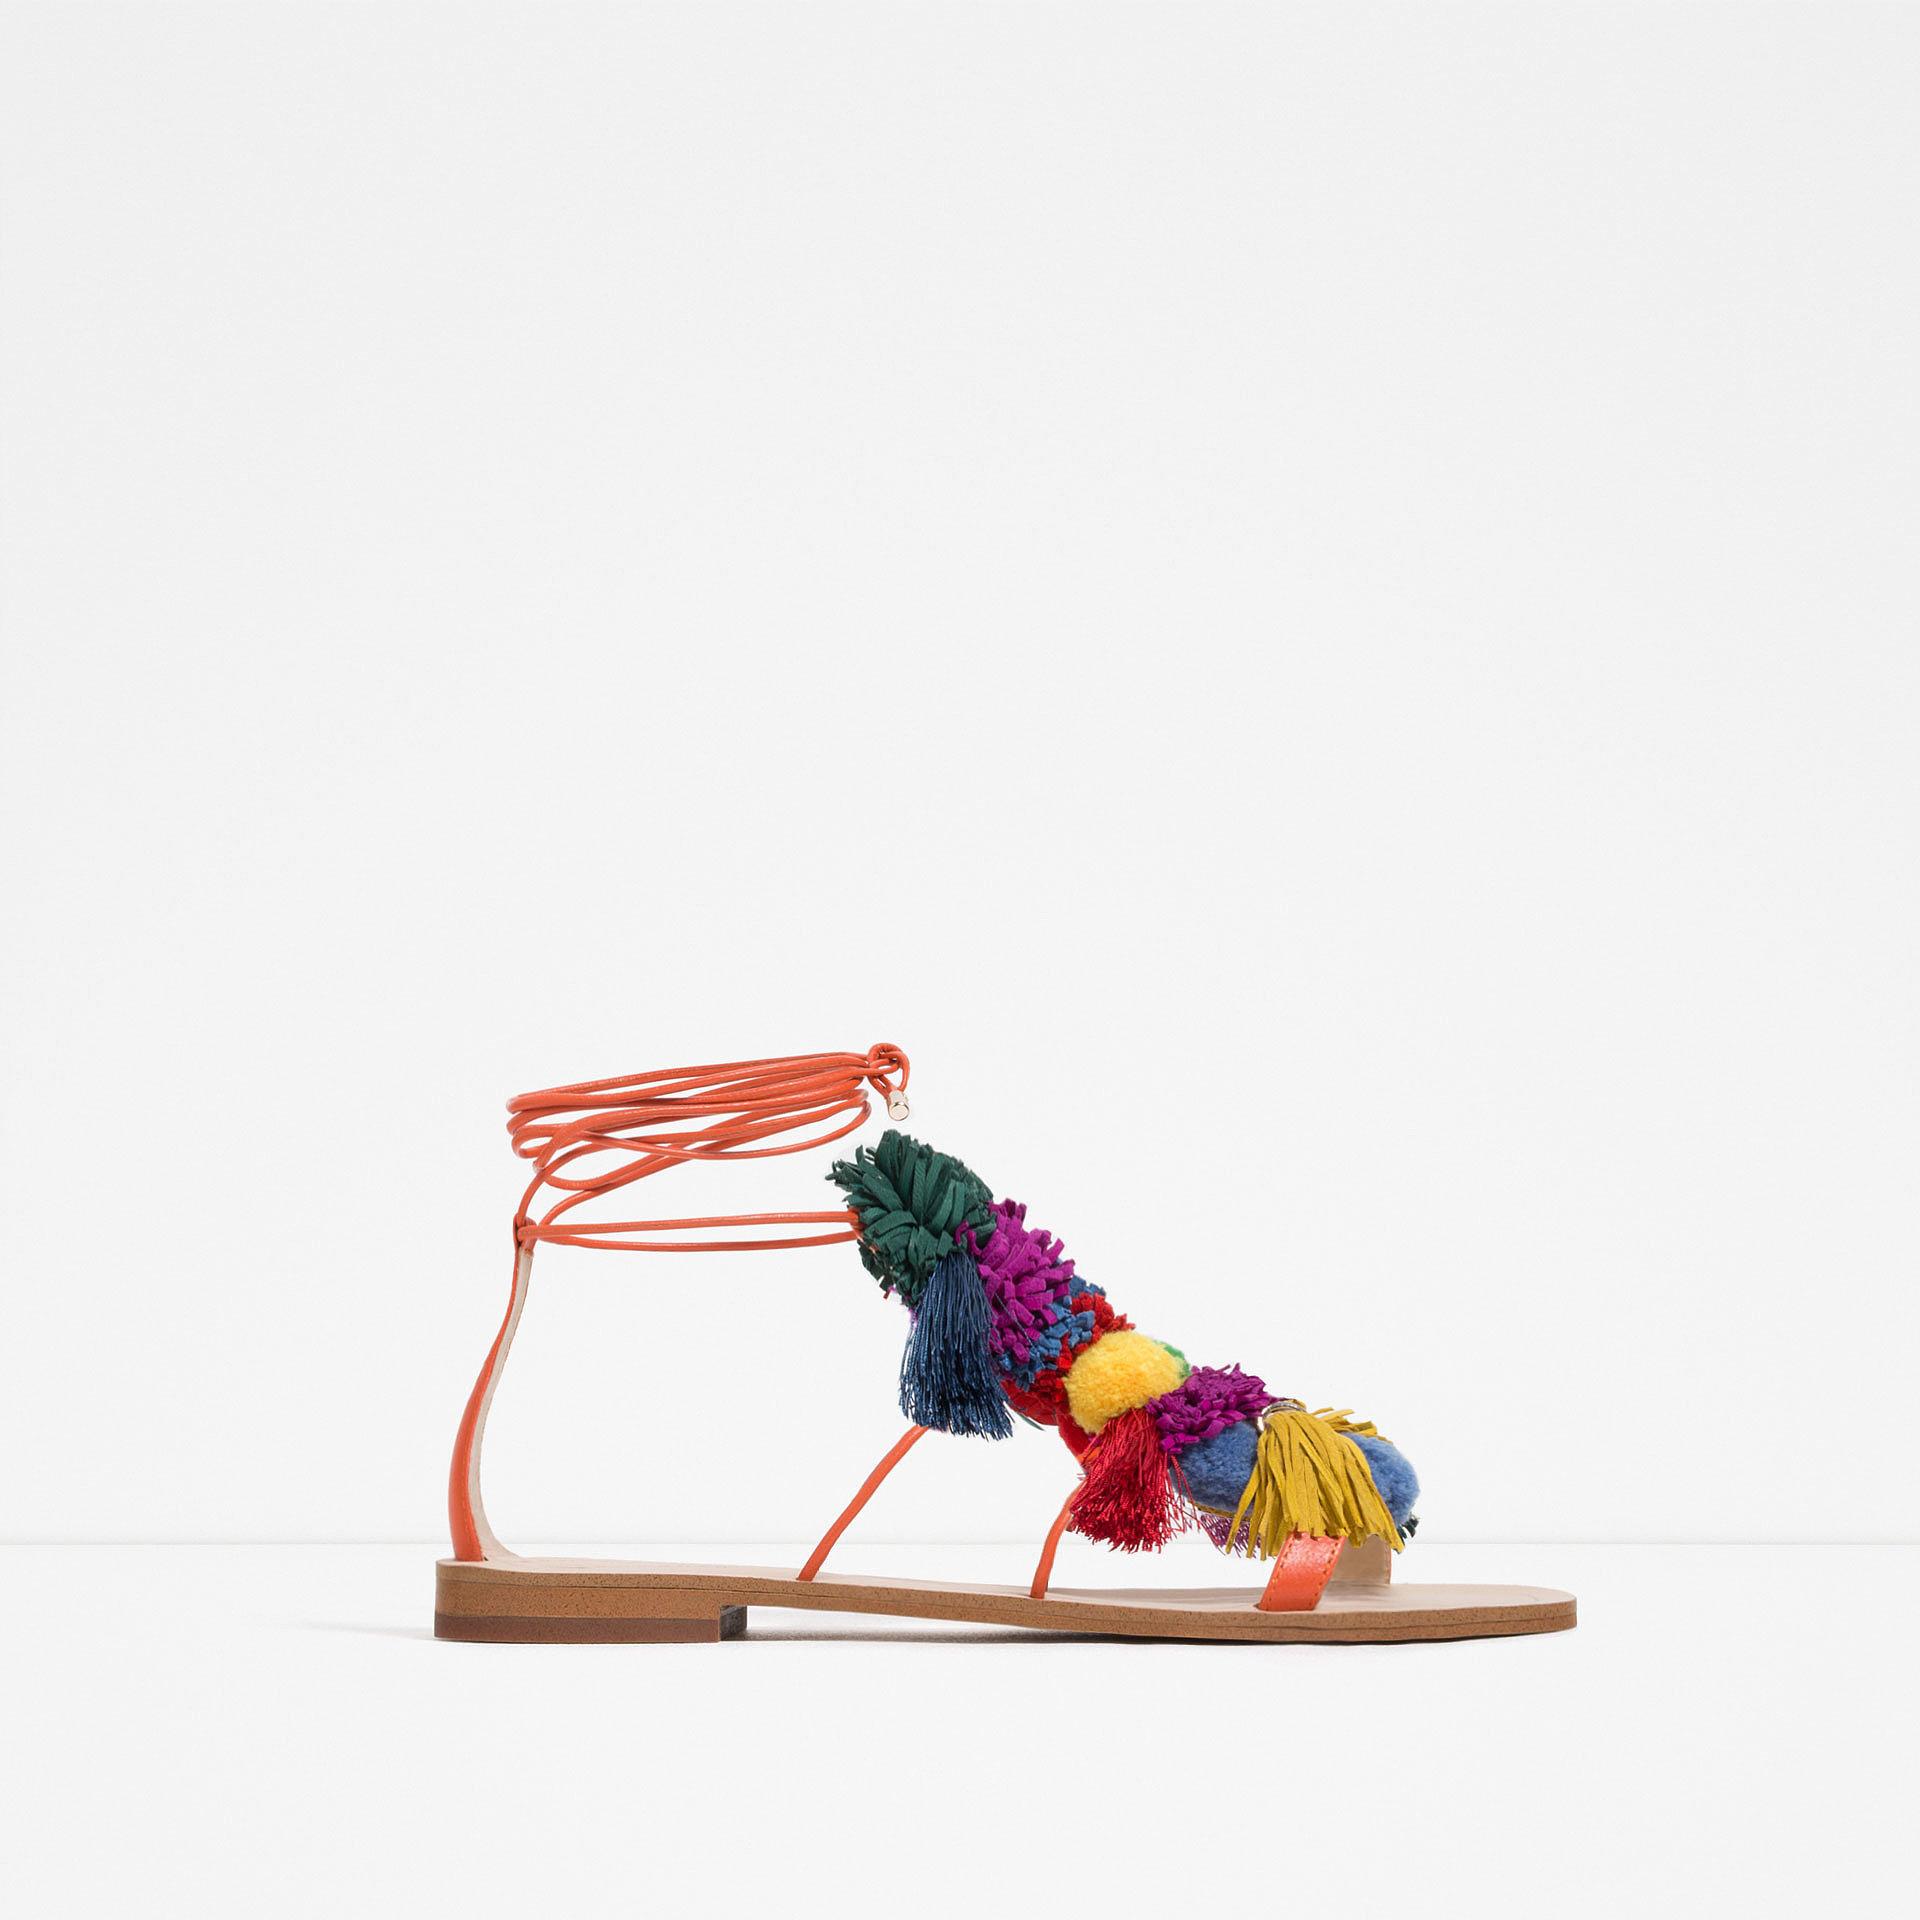 Помпоны – тренд сезона босоножки украшенные разноцветными томпонами из коллекции Zara.